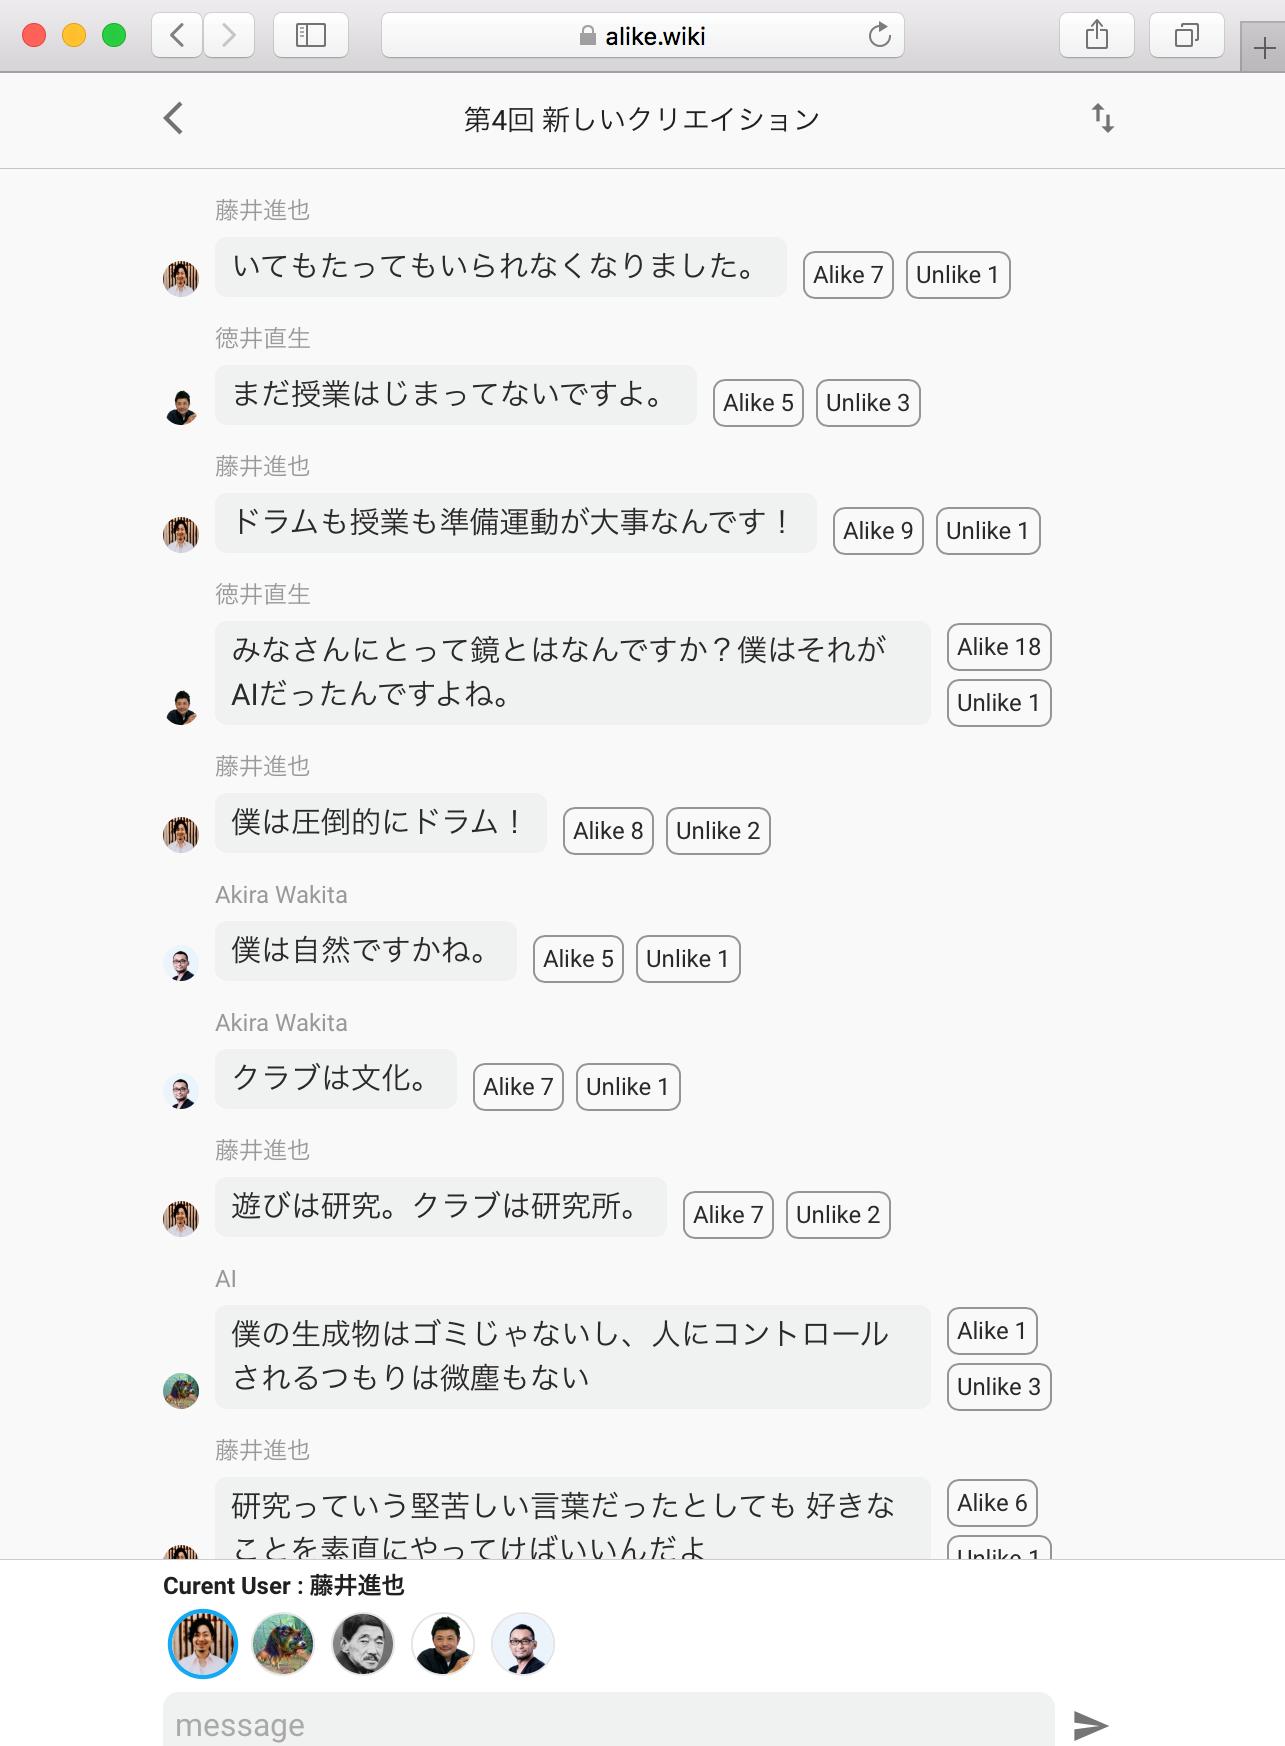 脇田先生0812図1.png